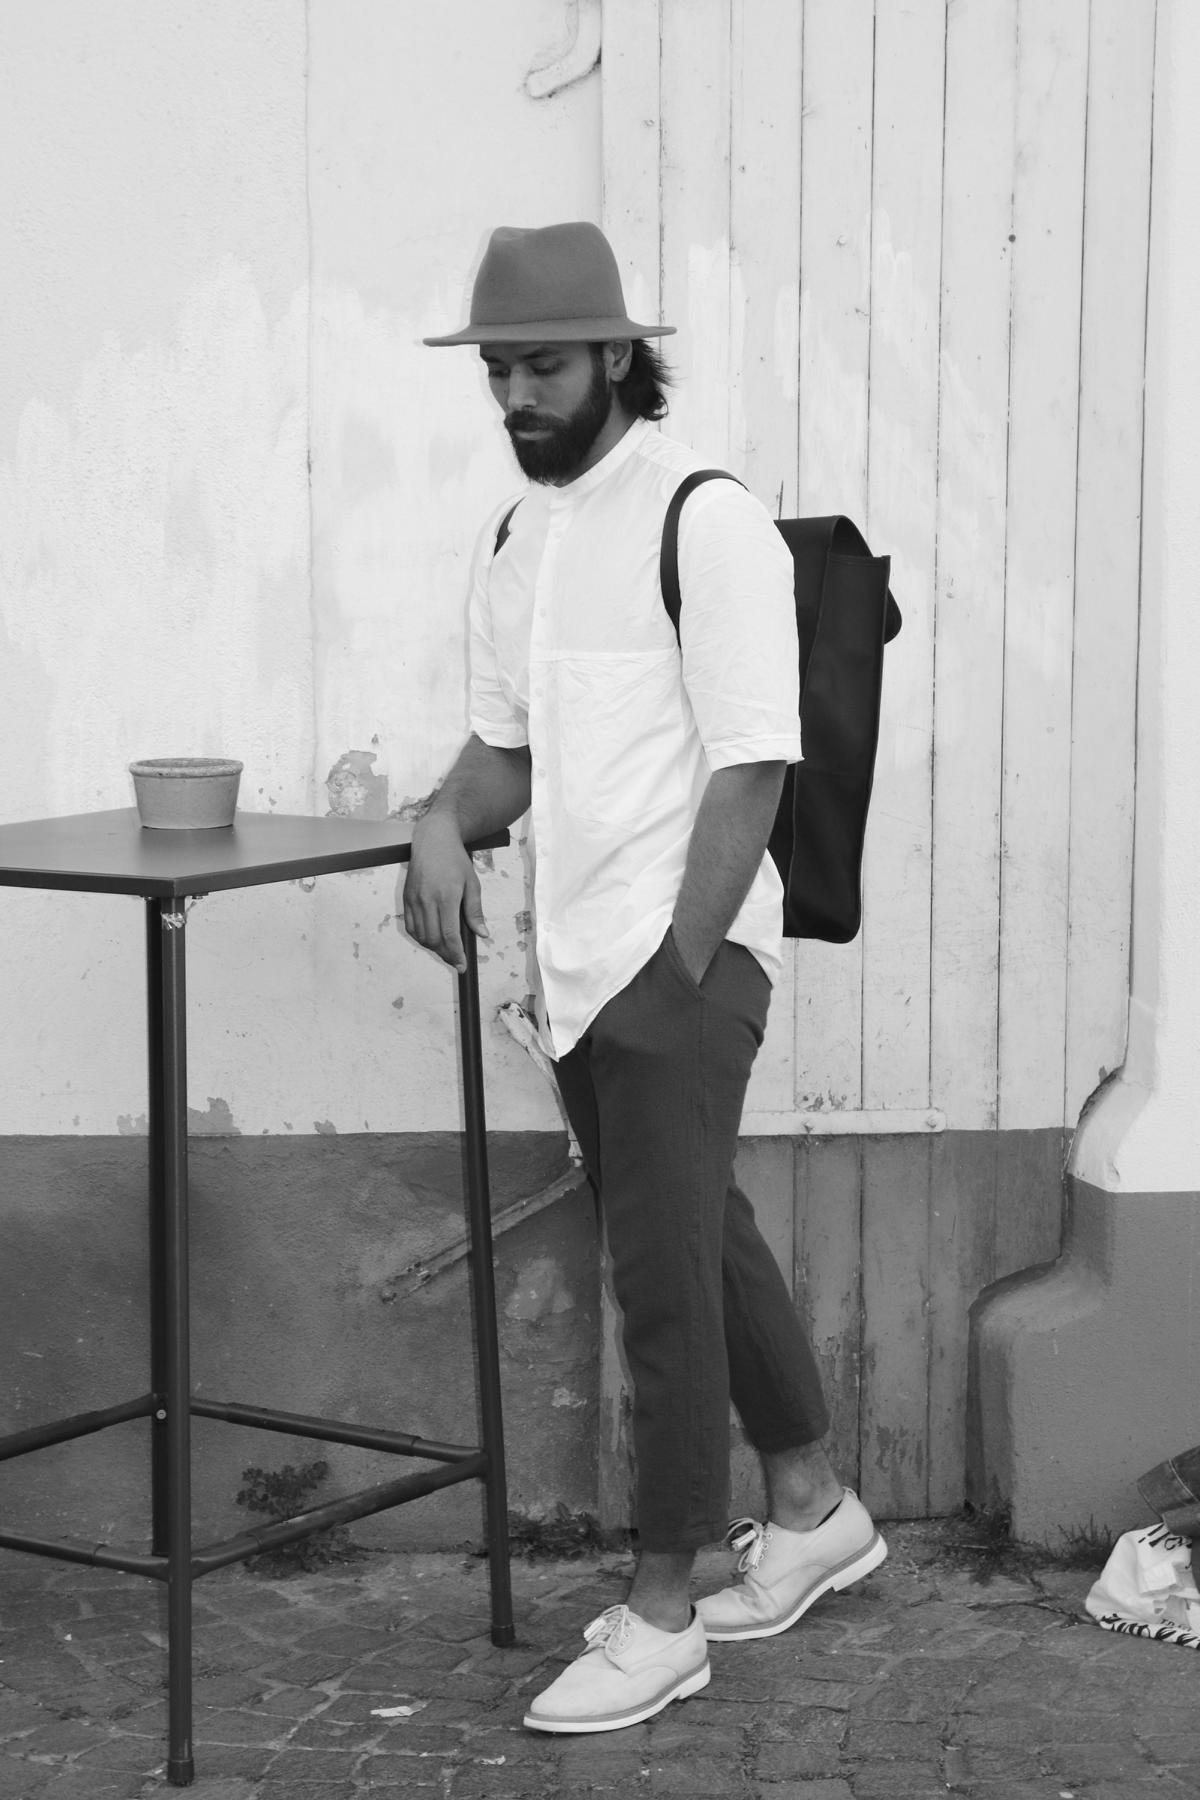 An alle Herren: Beweise Stil mit coolen Schnitten und Hut